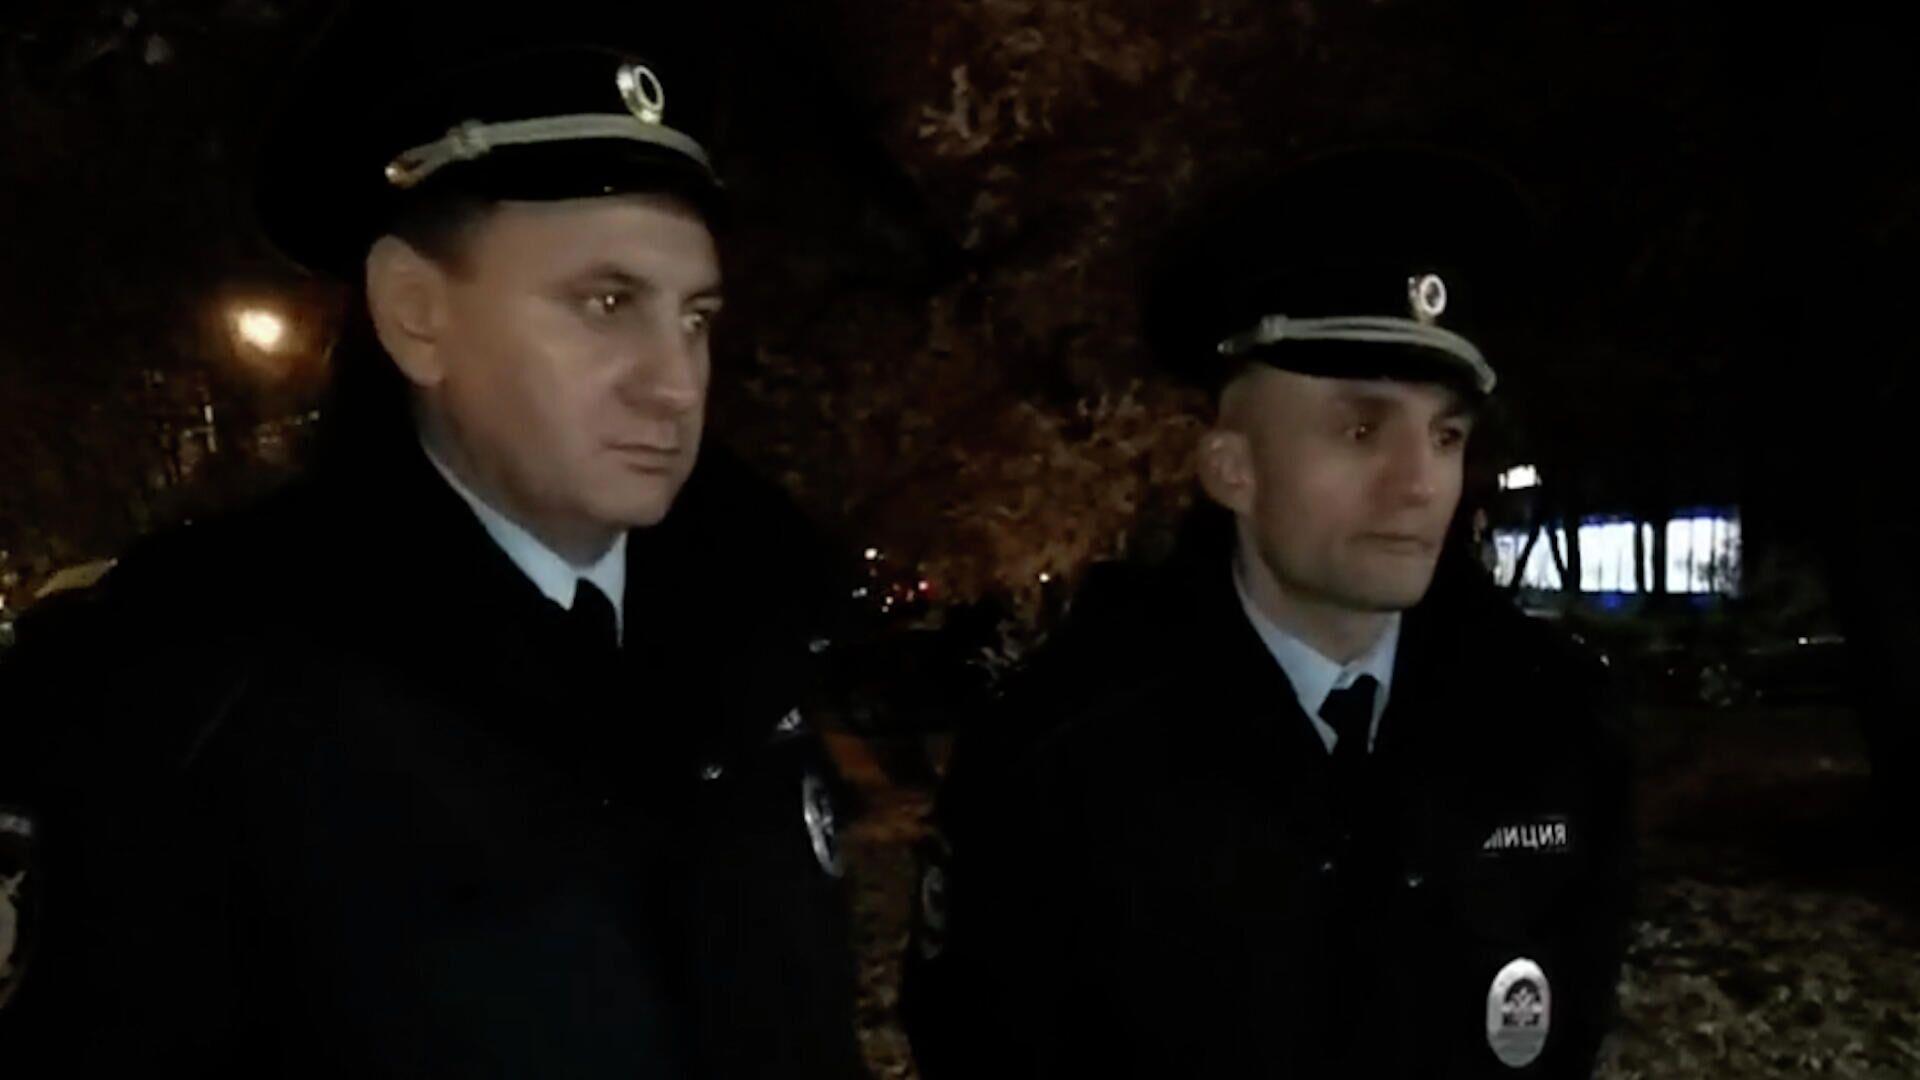 Оказывали активное сопротивление – полицейские об избивших пассажира в метро  - РИА Новости, 1920, 09.10.2021